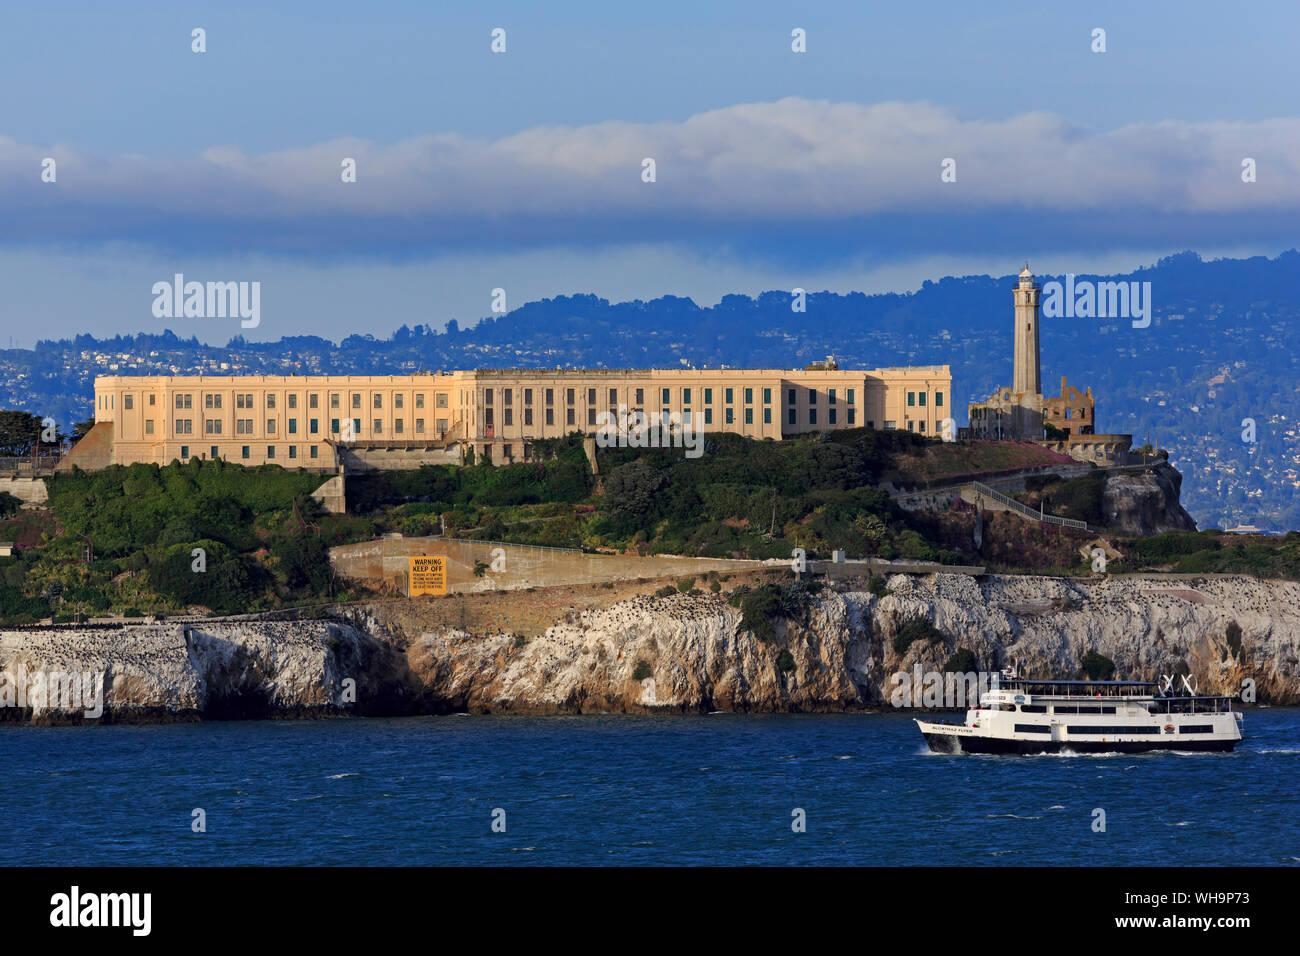 Alcatraz Island, San Francisco, California, United States of America, North America Stock Photo